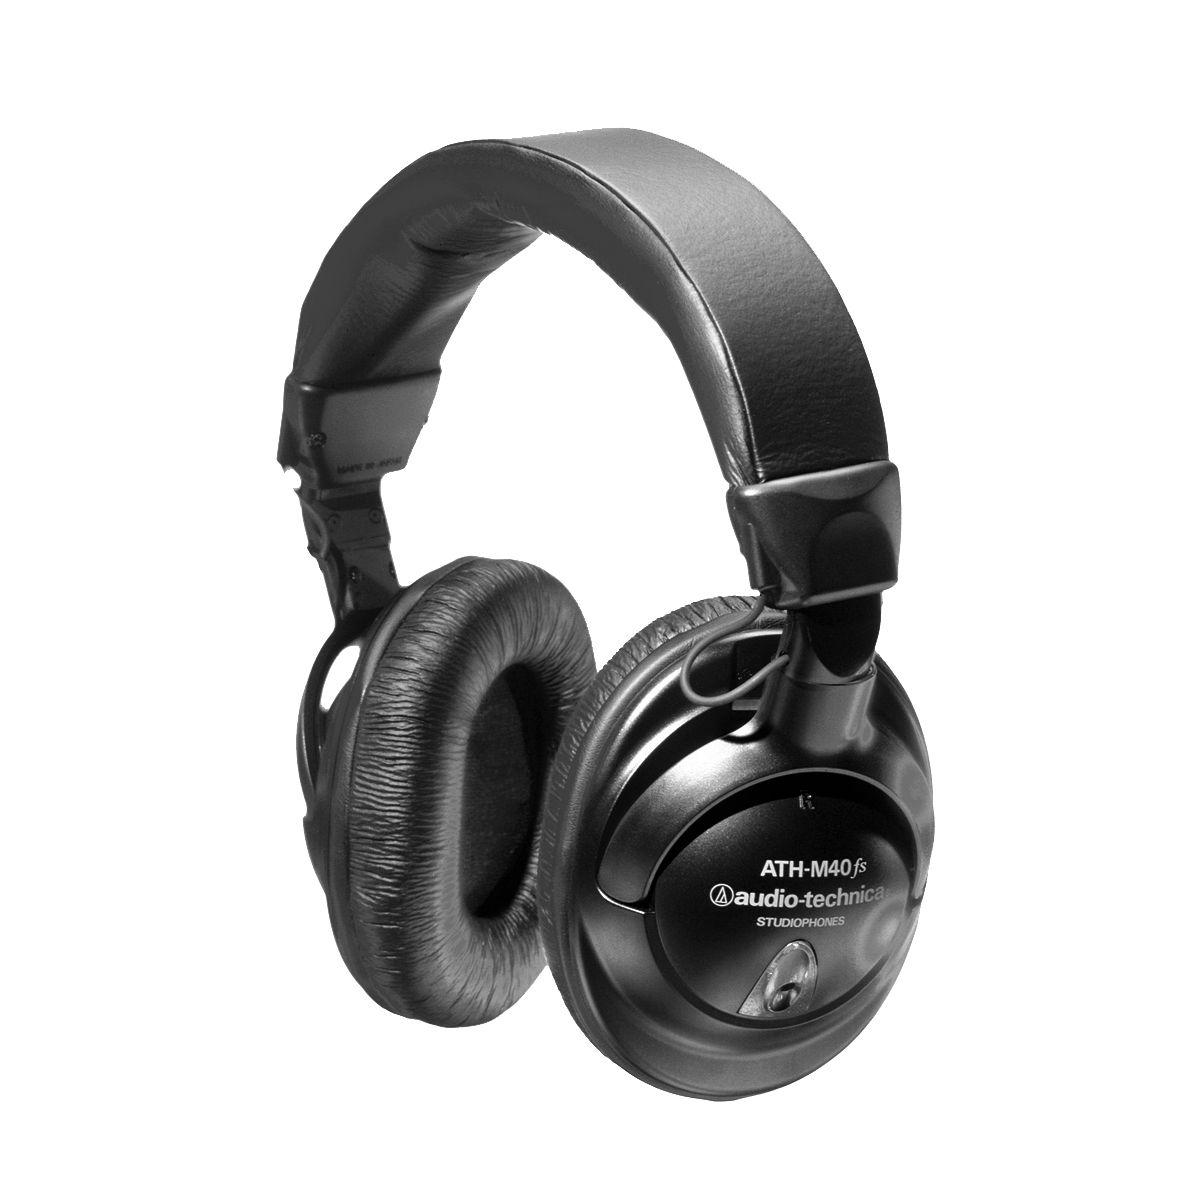 Слушалки Audio-Technica ATH-M40fs - 2